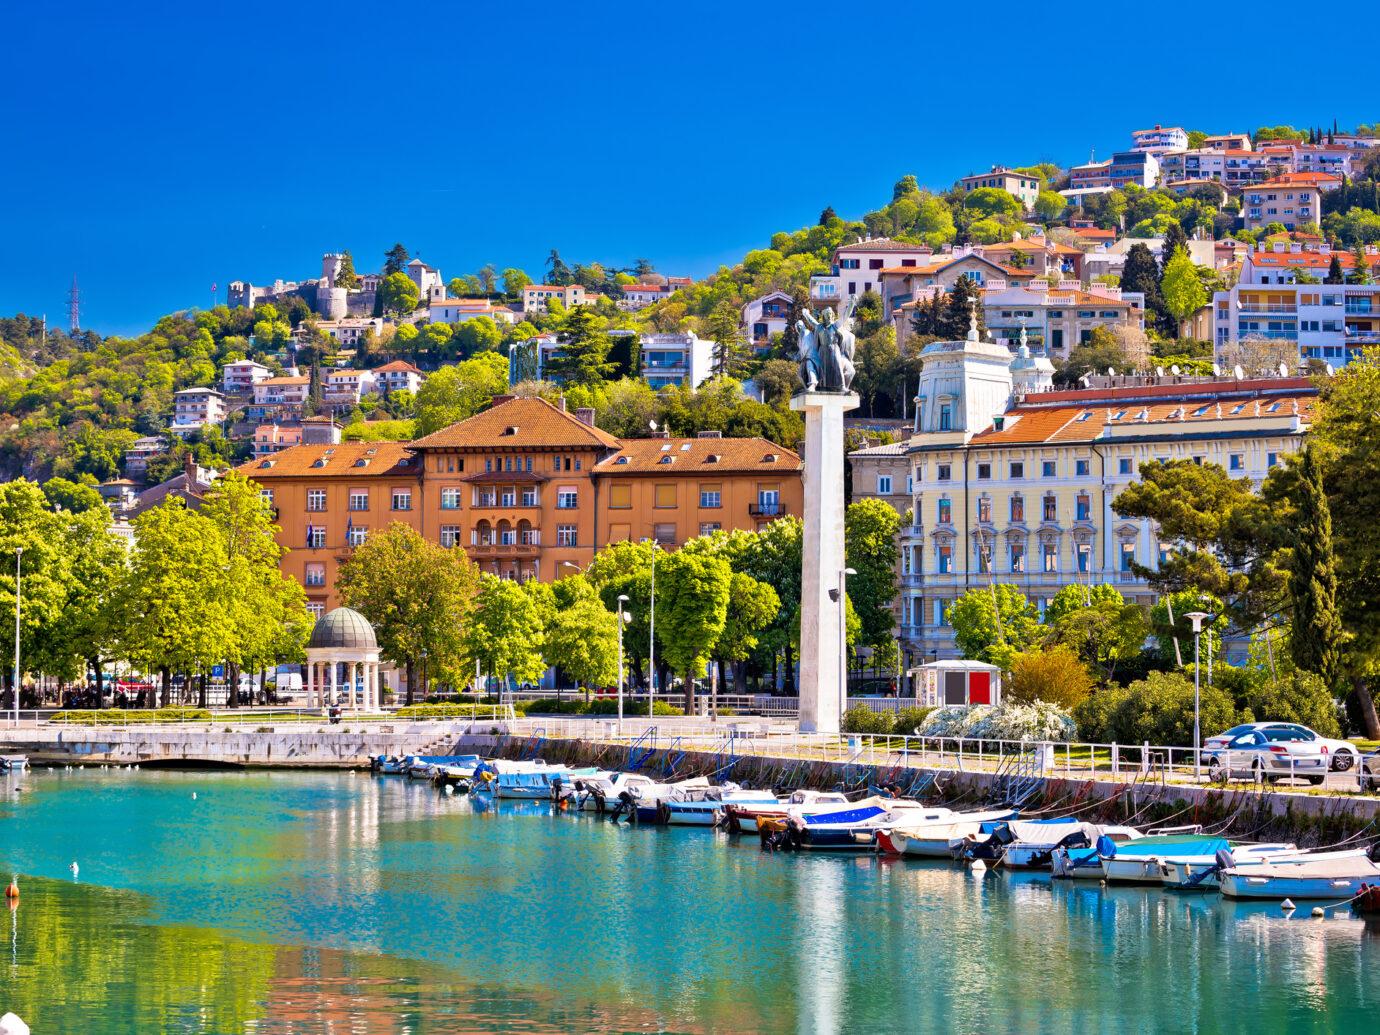 City of Rijeka Delta and trsat view, Kvarner bay, Croatia